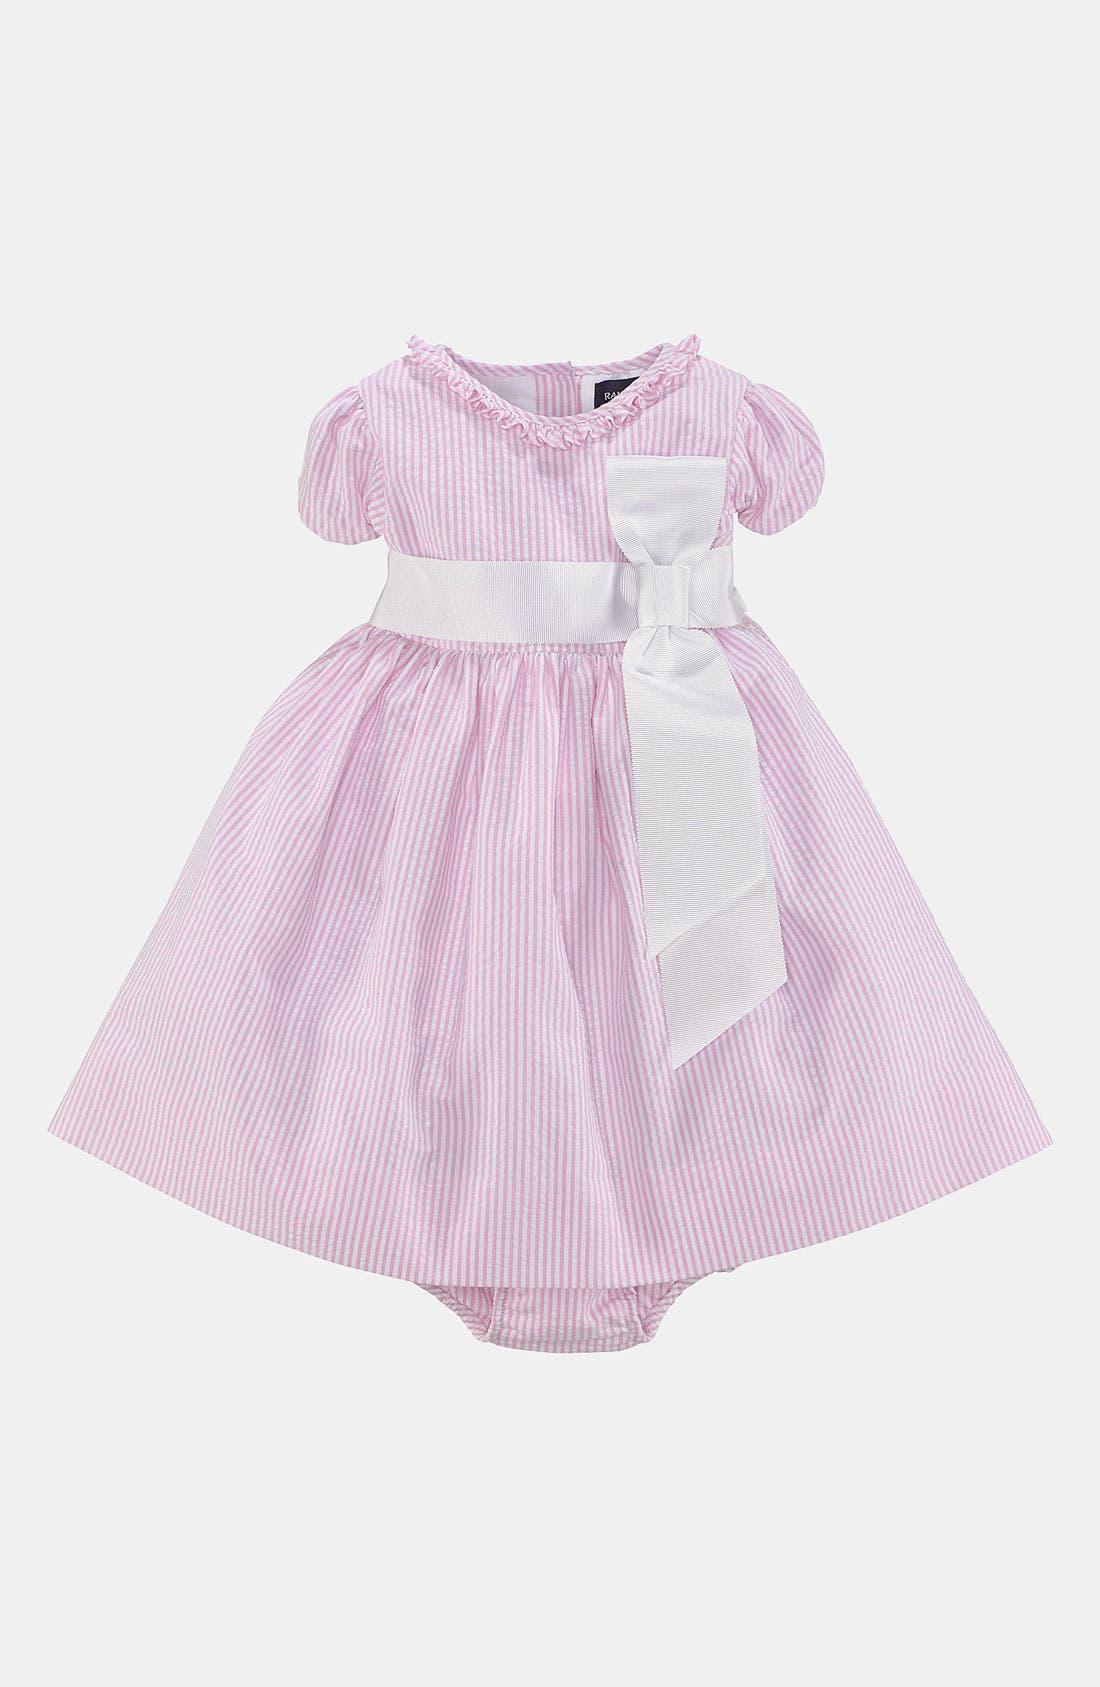 Alternate Image 1 Selected - Ralph Lauren Seersucker Dress & Bloomers (Baby Girls)